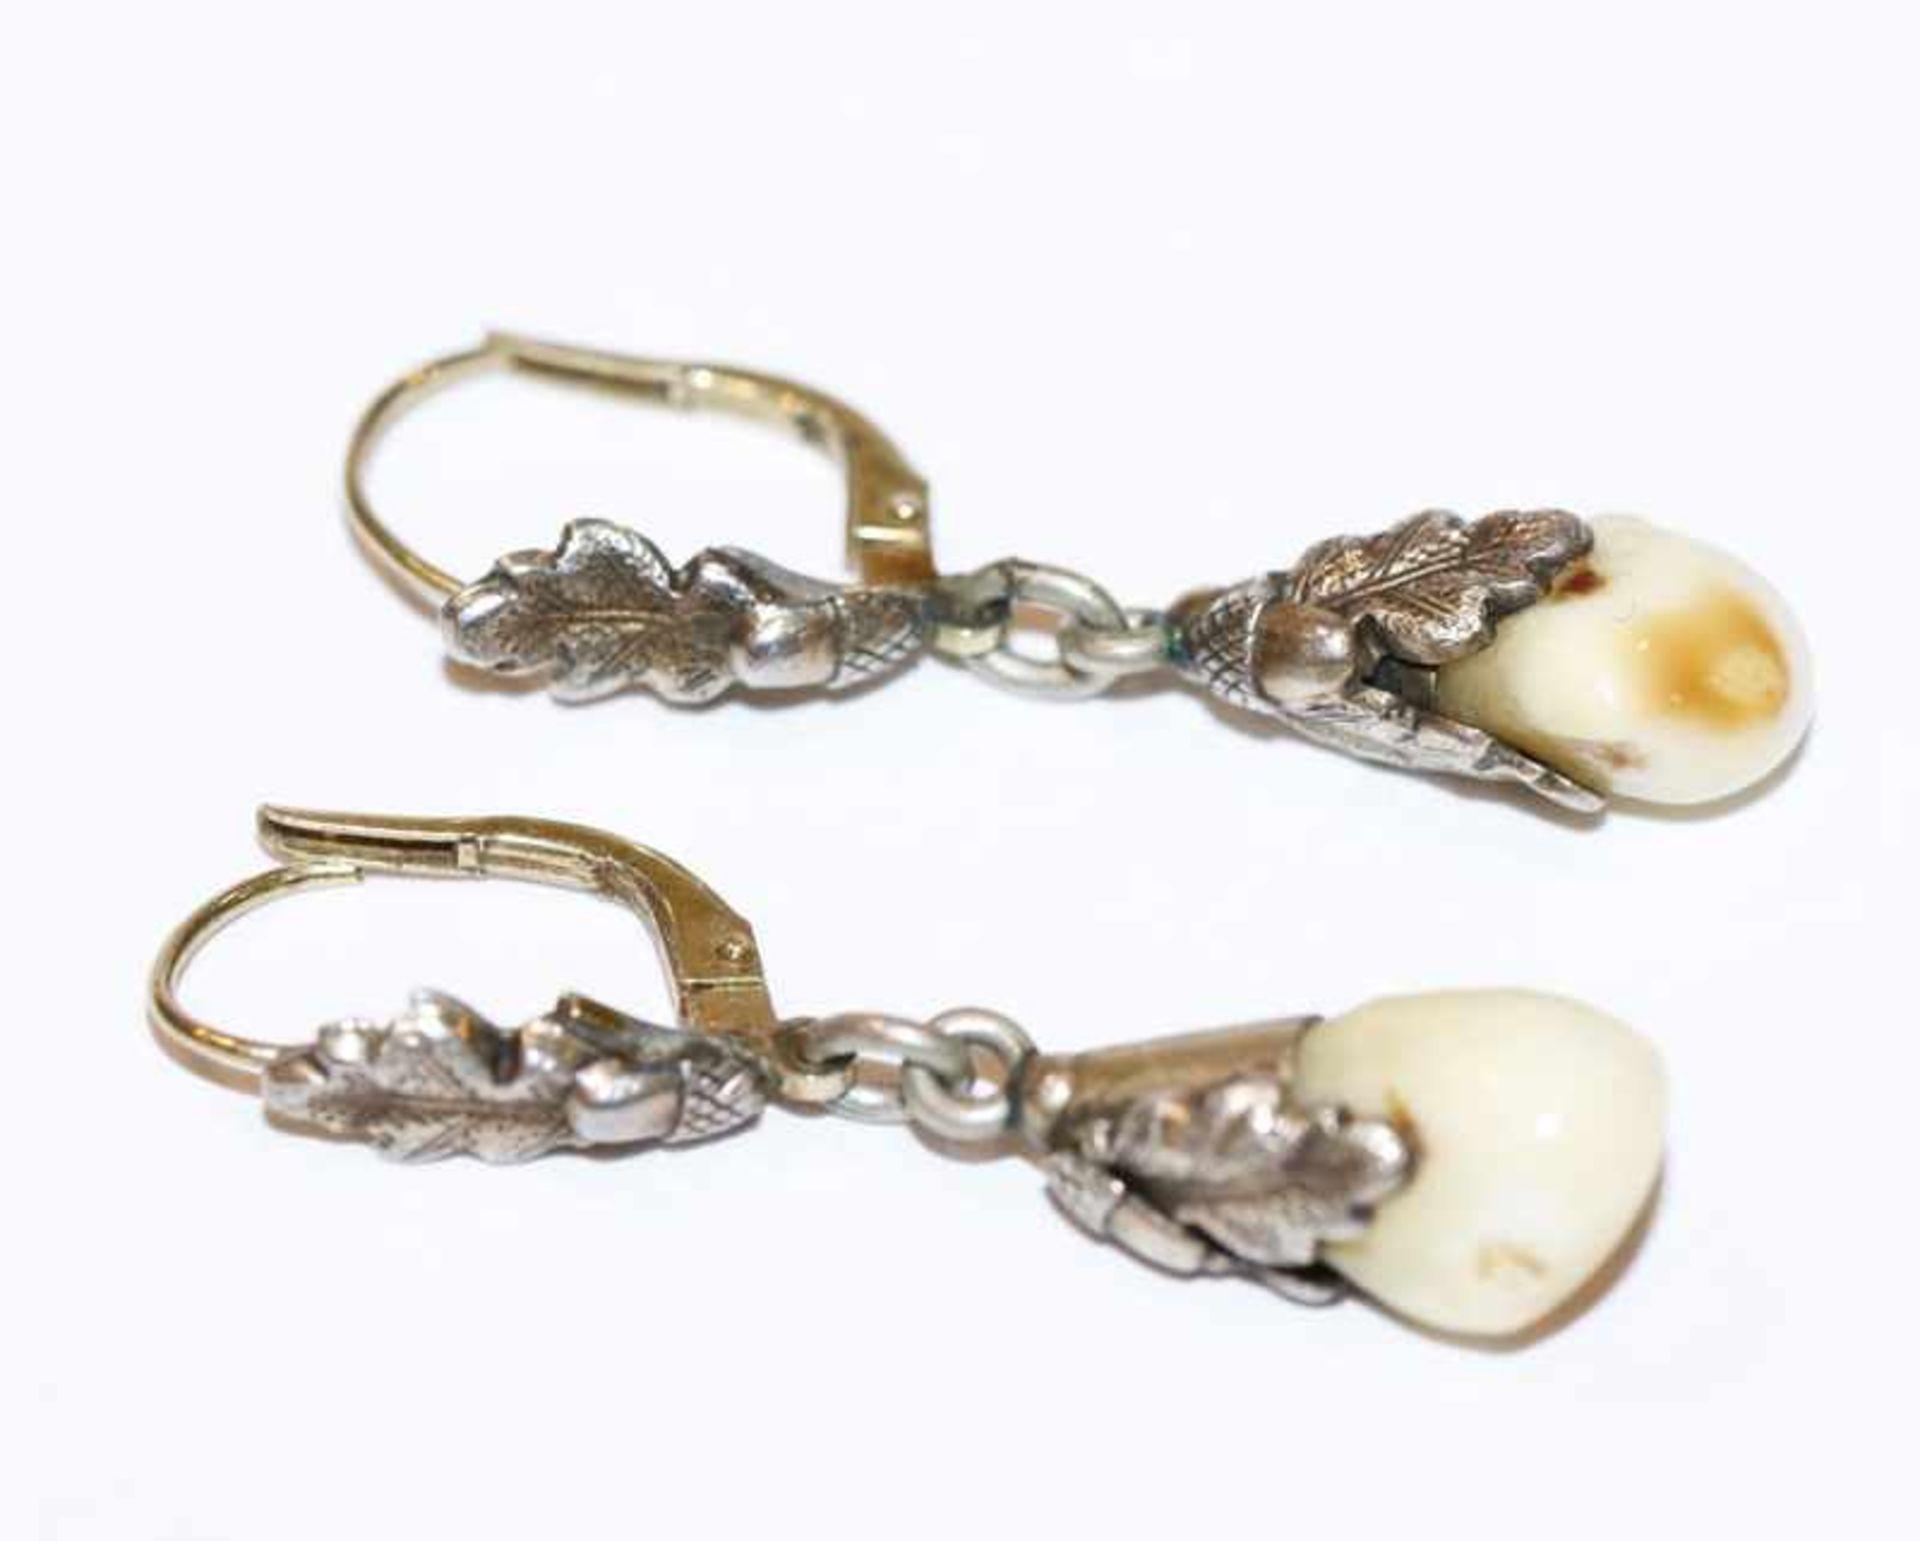 Los 27 - Paar Silber Trachten-Ohrhänger mit plastischem Eichenlaub und Grandeln, Bügel 14 k Gelbgold, L 3,5